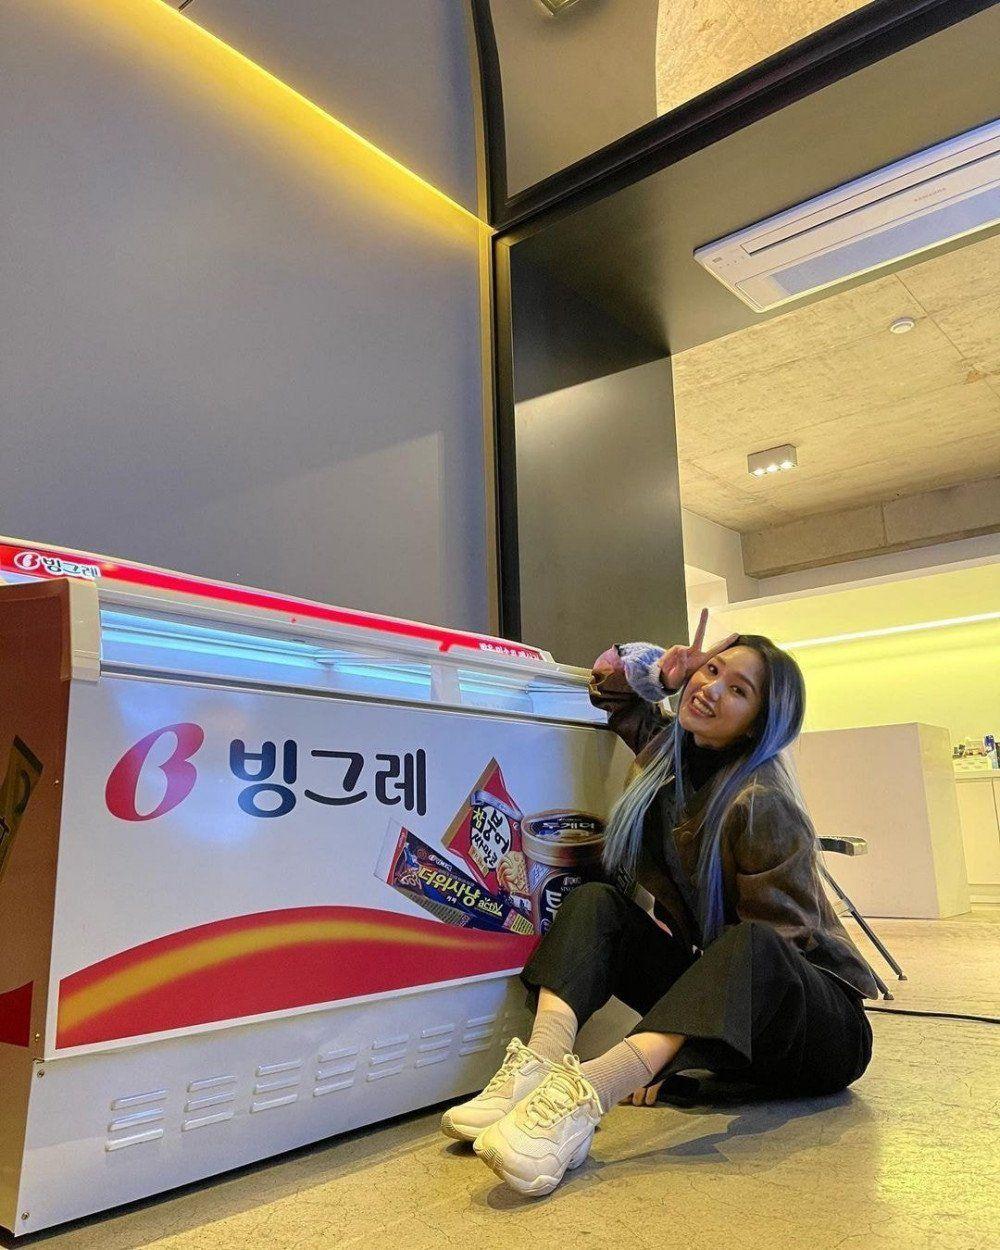 MImi Oh My Girl dapat Kiriman Sekulkas Es Krim